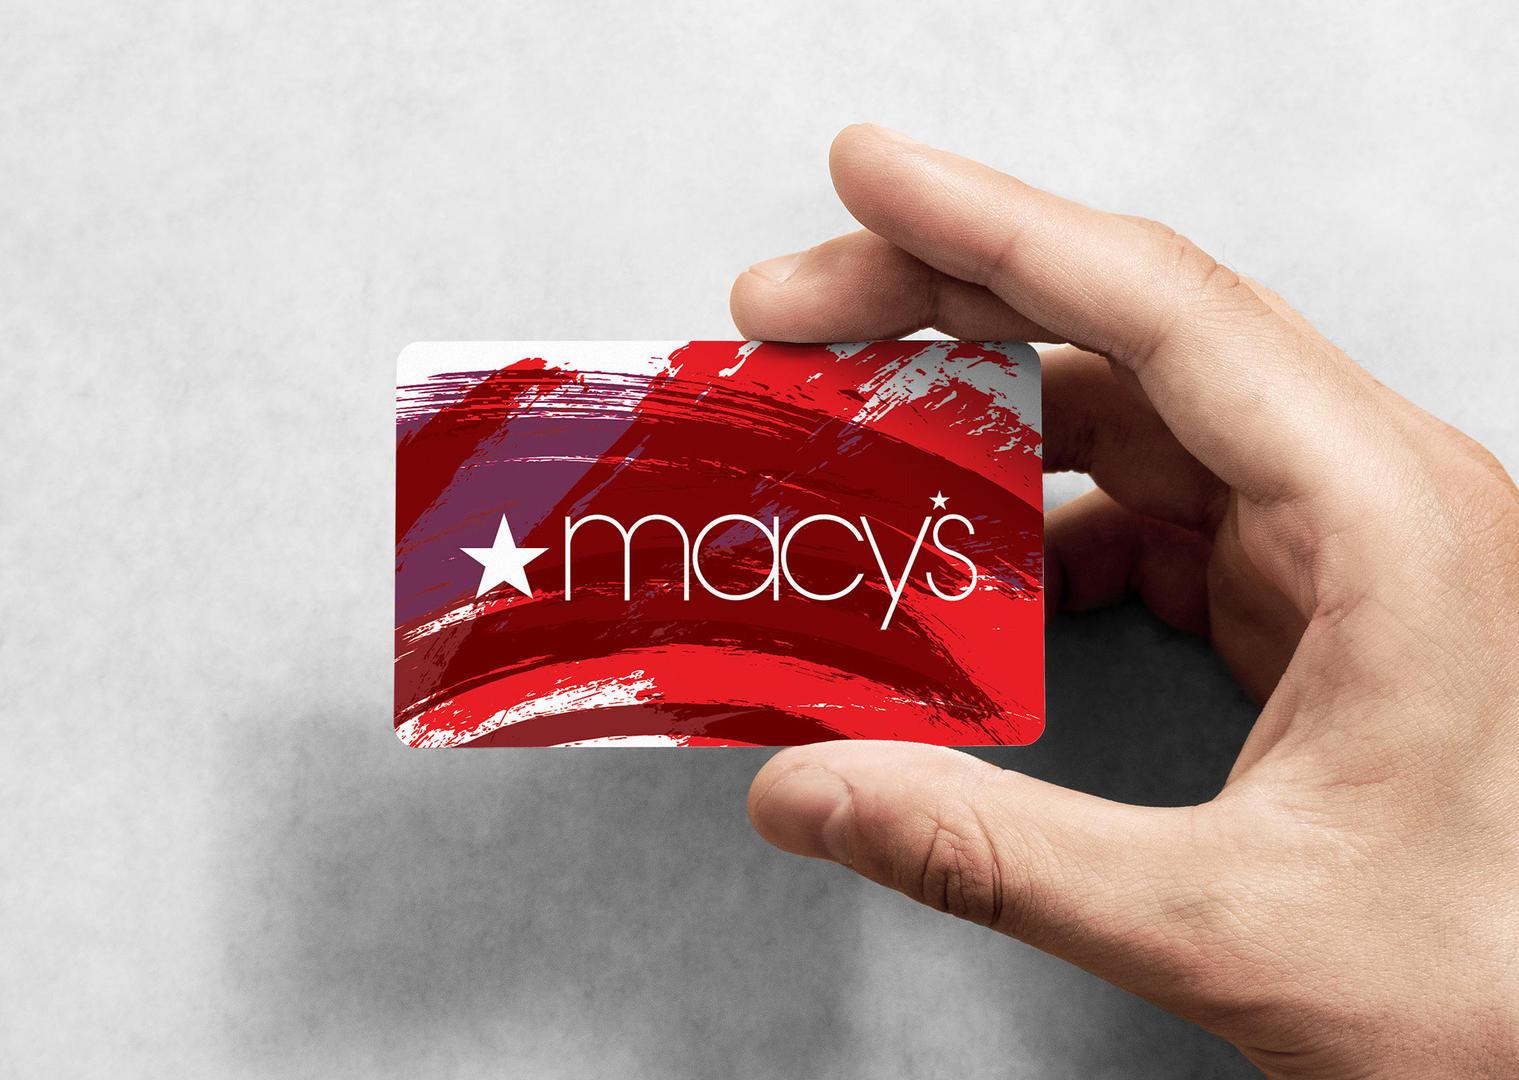 Macy's-Giftcard-Rendering-7-SFW.jpg